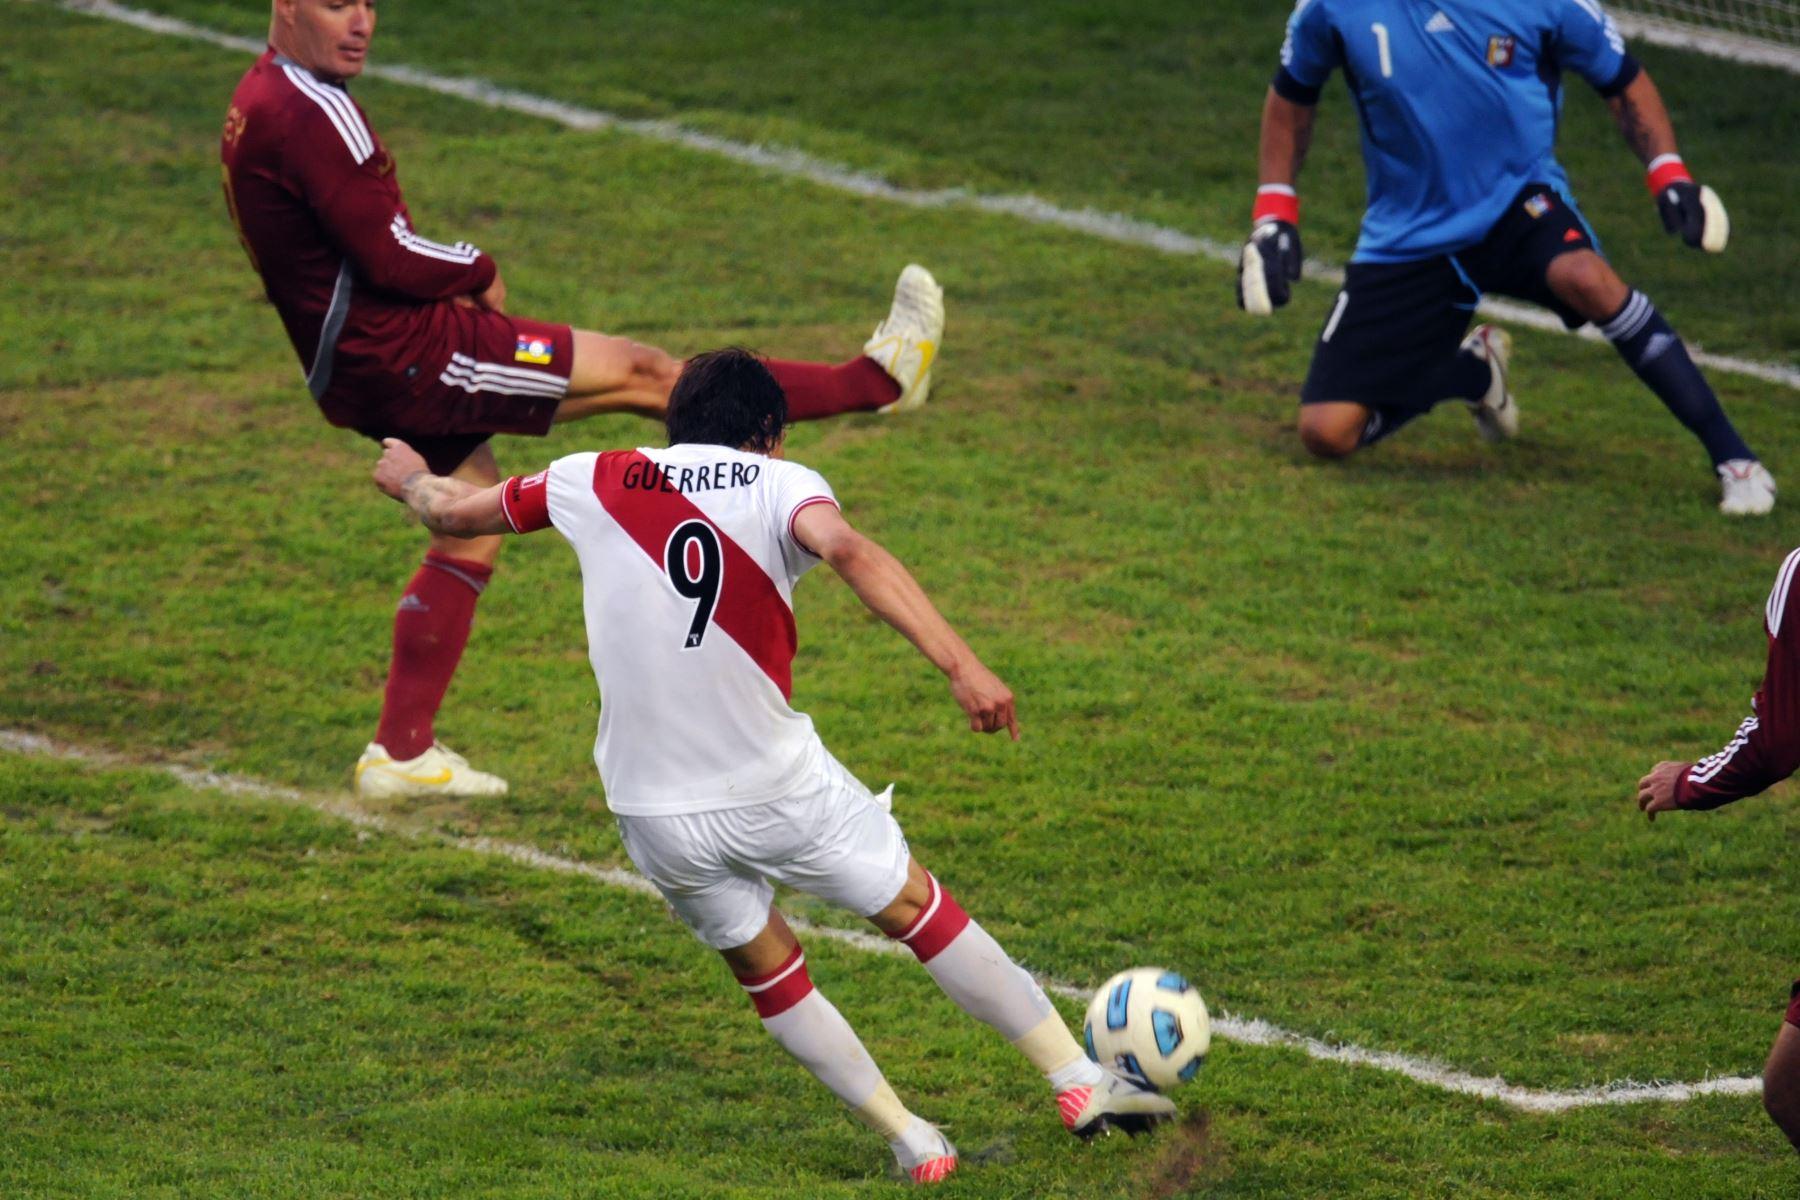 El delantero peruano Paolo Guerrero dispara para marcar el segundo gol de su equipo, mientras que los venezolanos José Manuel Rey (L) y el portero Renny Vega reaccionan durante el partido por el tercer lugar del torneo de fútbol de la Copa América 2011 celebrado en el estadio Ciudad de La Plata en La Plata, 59 Km al sur de Buenos Aires, el 23 de julio de 2011.  Foto: AFP